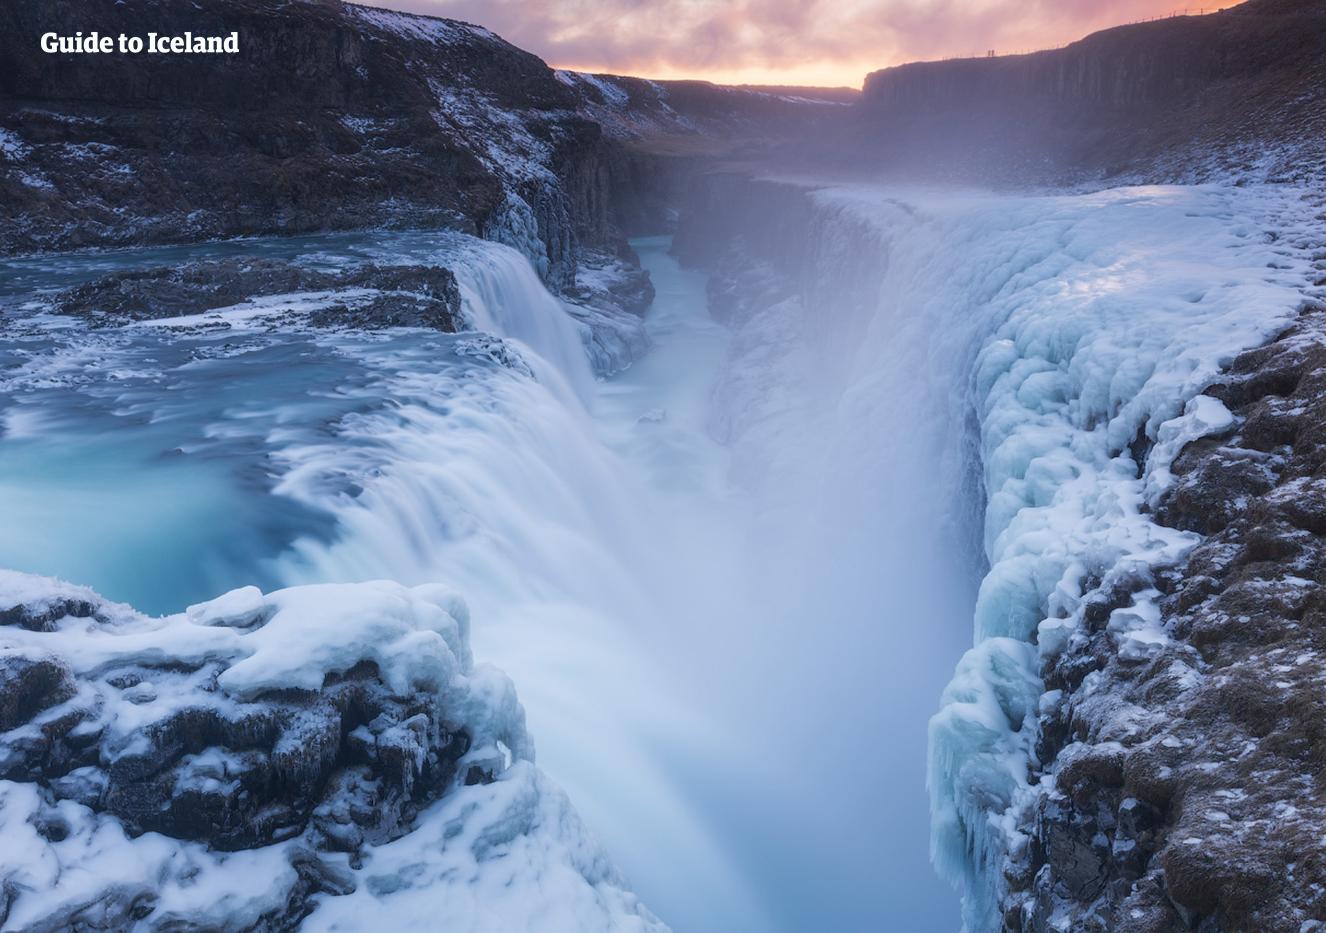 In seinem Winterkostüm ist der Wasserfall Gullfoss besonders schön.